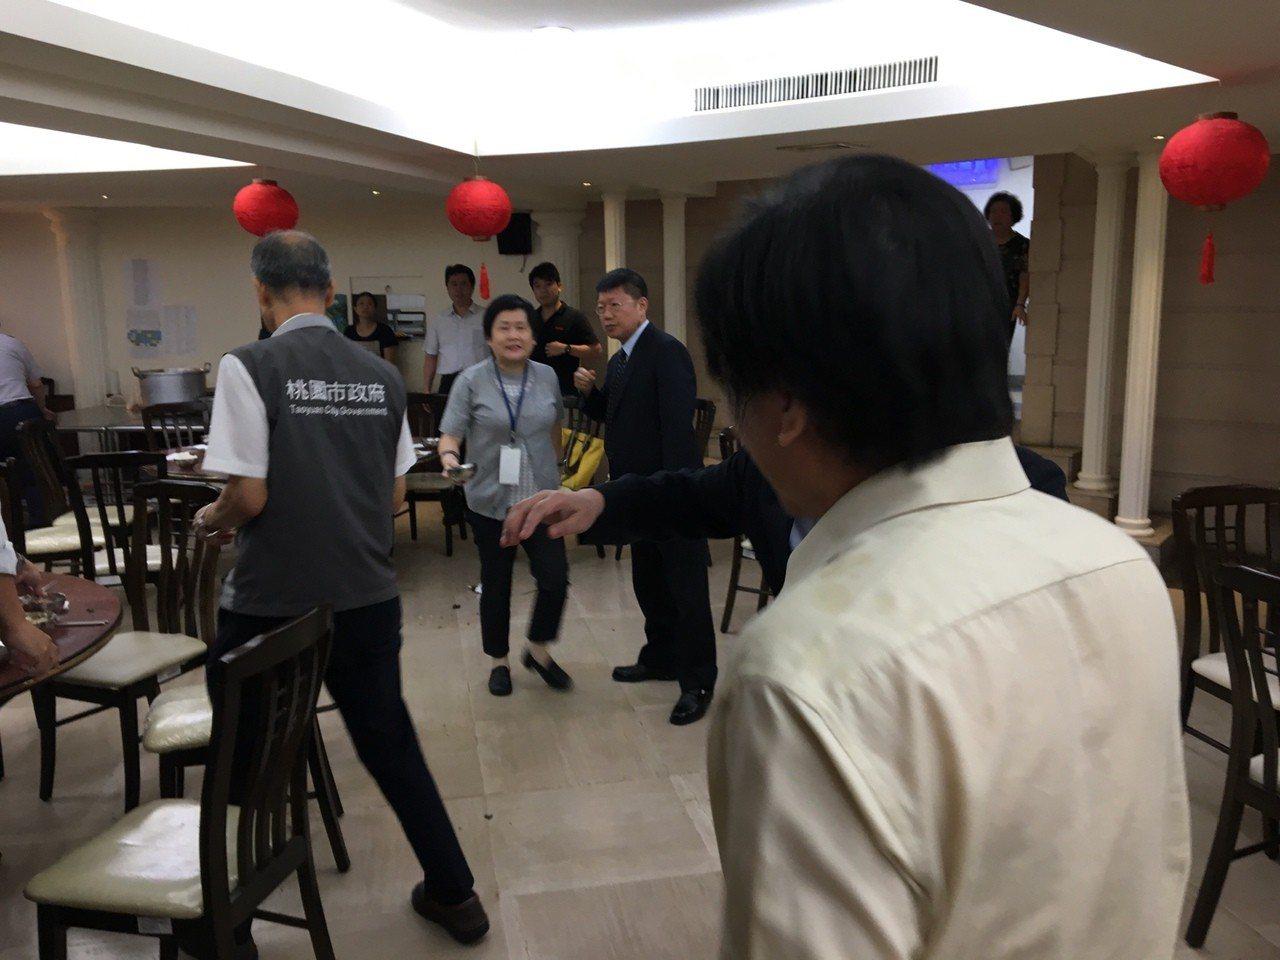 國民黨市議員詹江村(右)昨天中午遭前縣議員吳寶玉(中)突襲潑熱湯。記者張裕珍/攝...